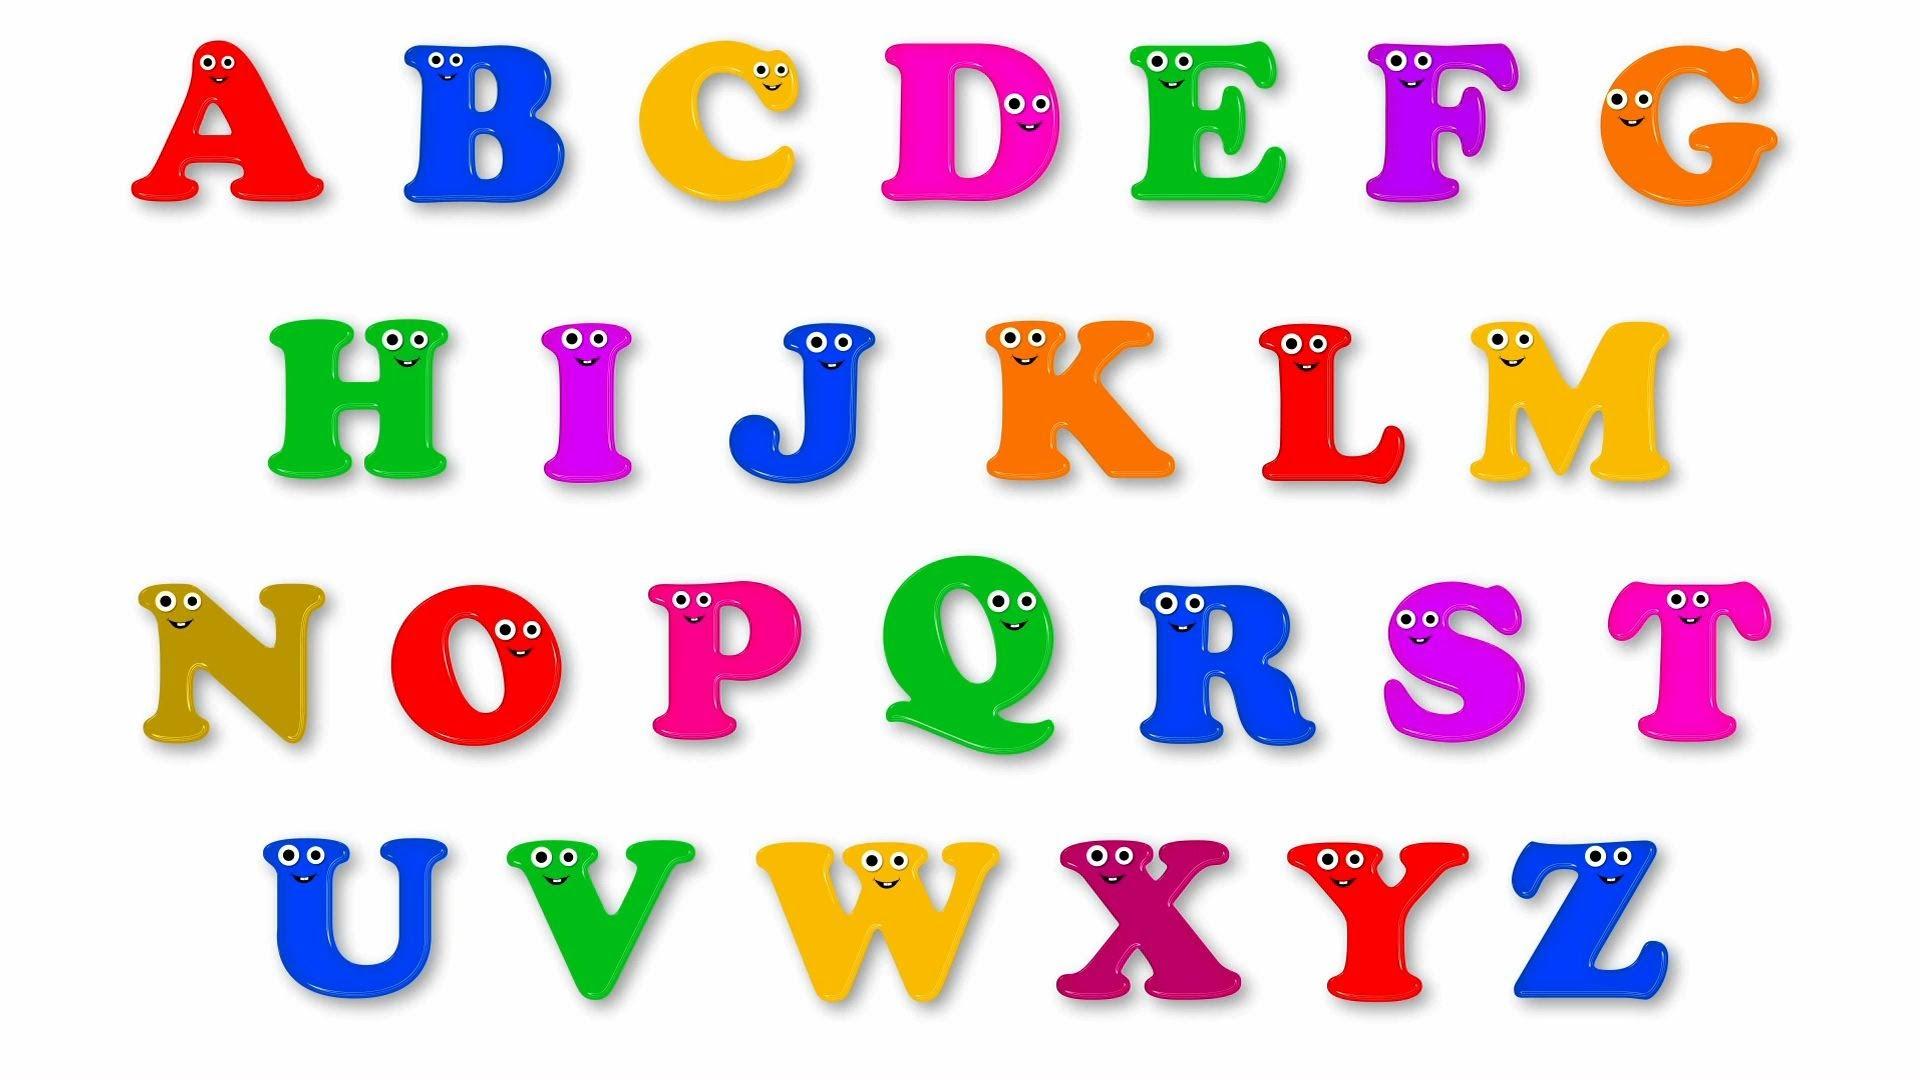 Английские буквы и их транскрипция. Плюс ходовые сочетания английских букв. Понятно и доступно